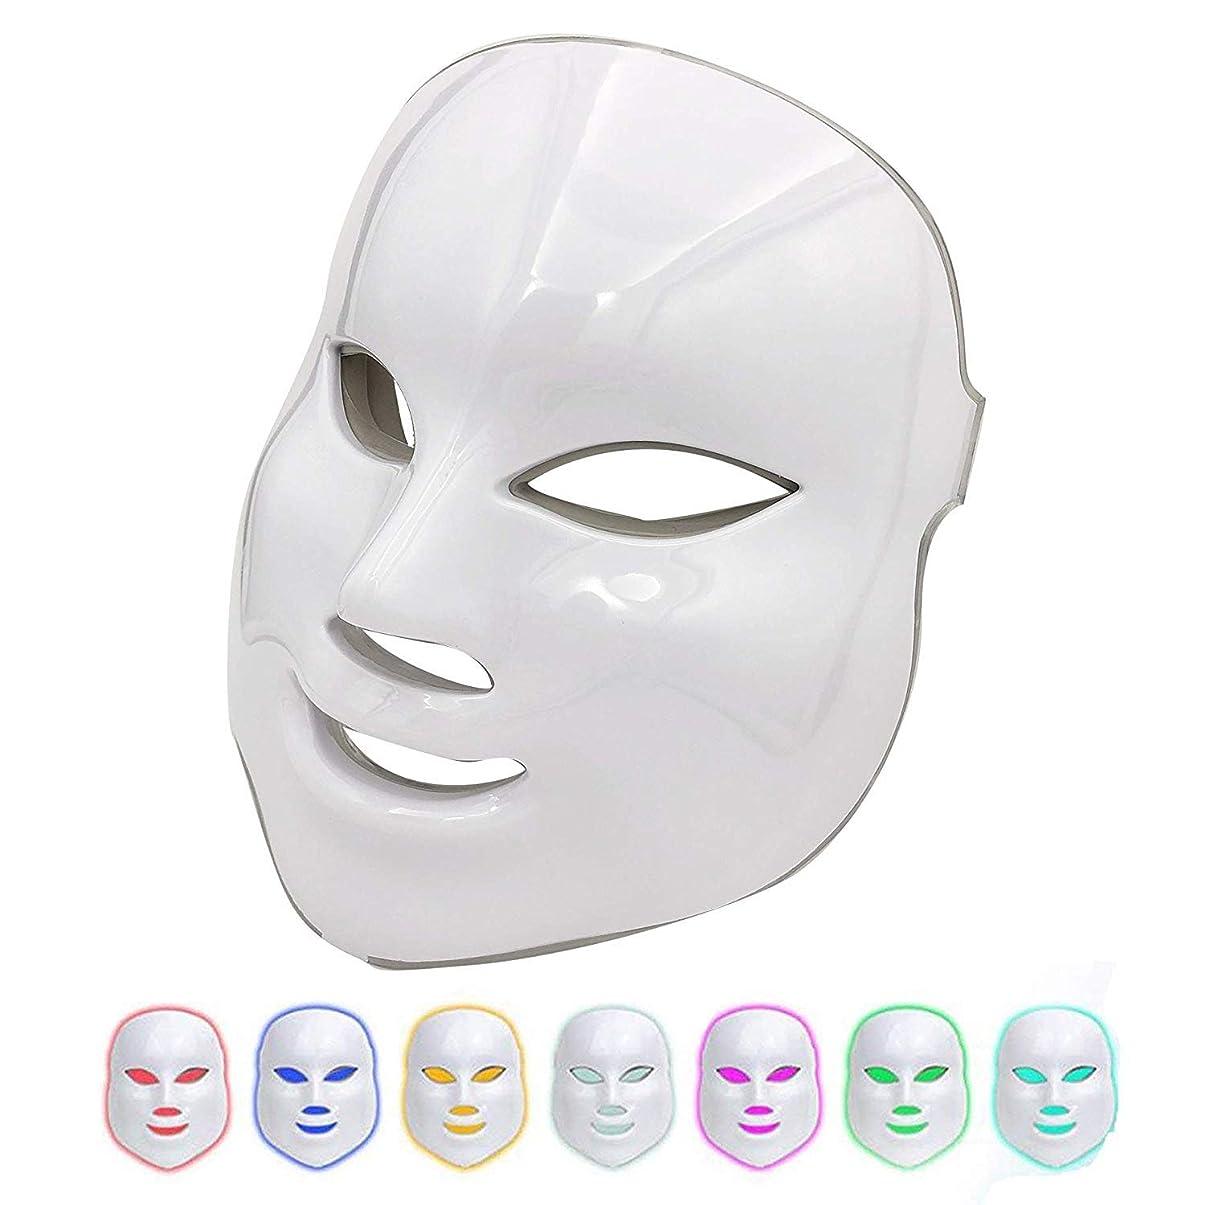 ゴム電話する使役美容マスク7色ledライト光子療法にきび跡除去アンチエイジング肌の若返りフェイシャルケアフェイシャルトーンデバイス